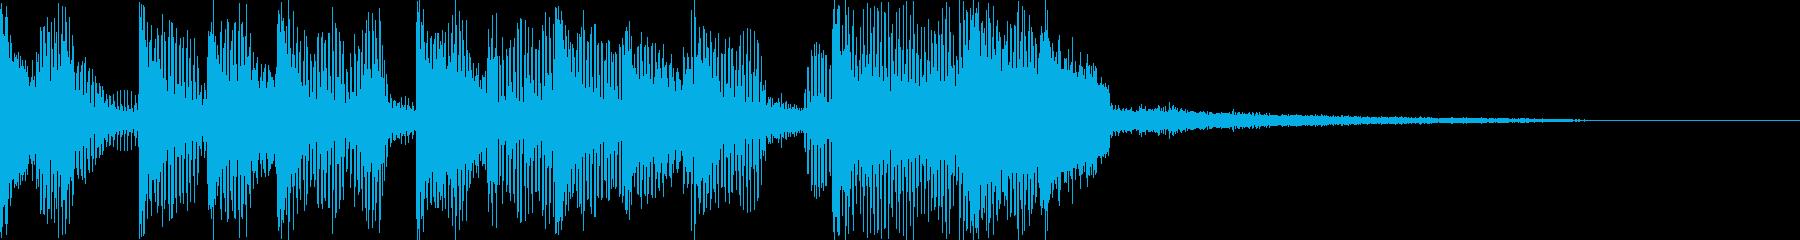 プチョヘンズアップなジングルの再生済みの波形